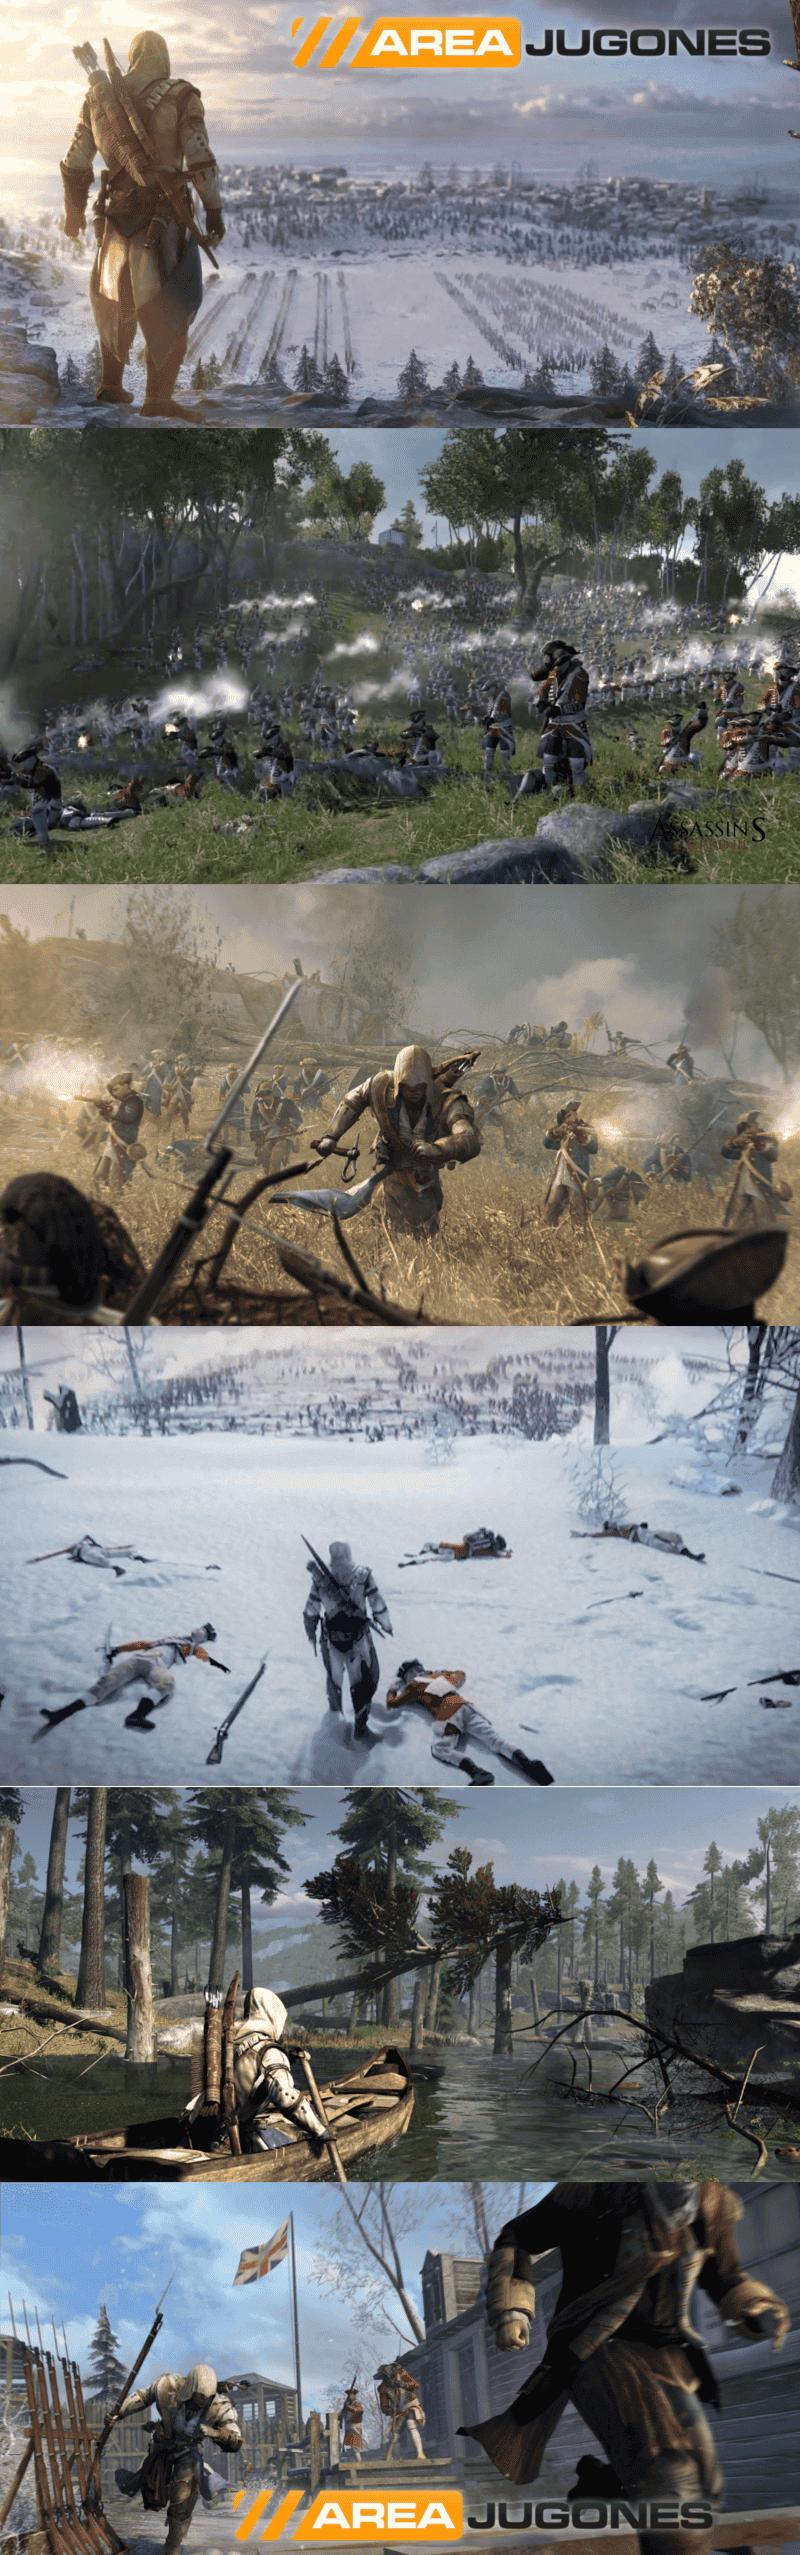 Varias screenshots de Assassin's Creed III donde se nos mostraron cosas que no salieron finalmente en el juego, aumentando el Hype, haciendo falsas promesas.